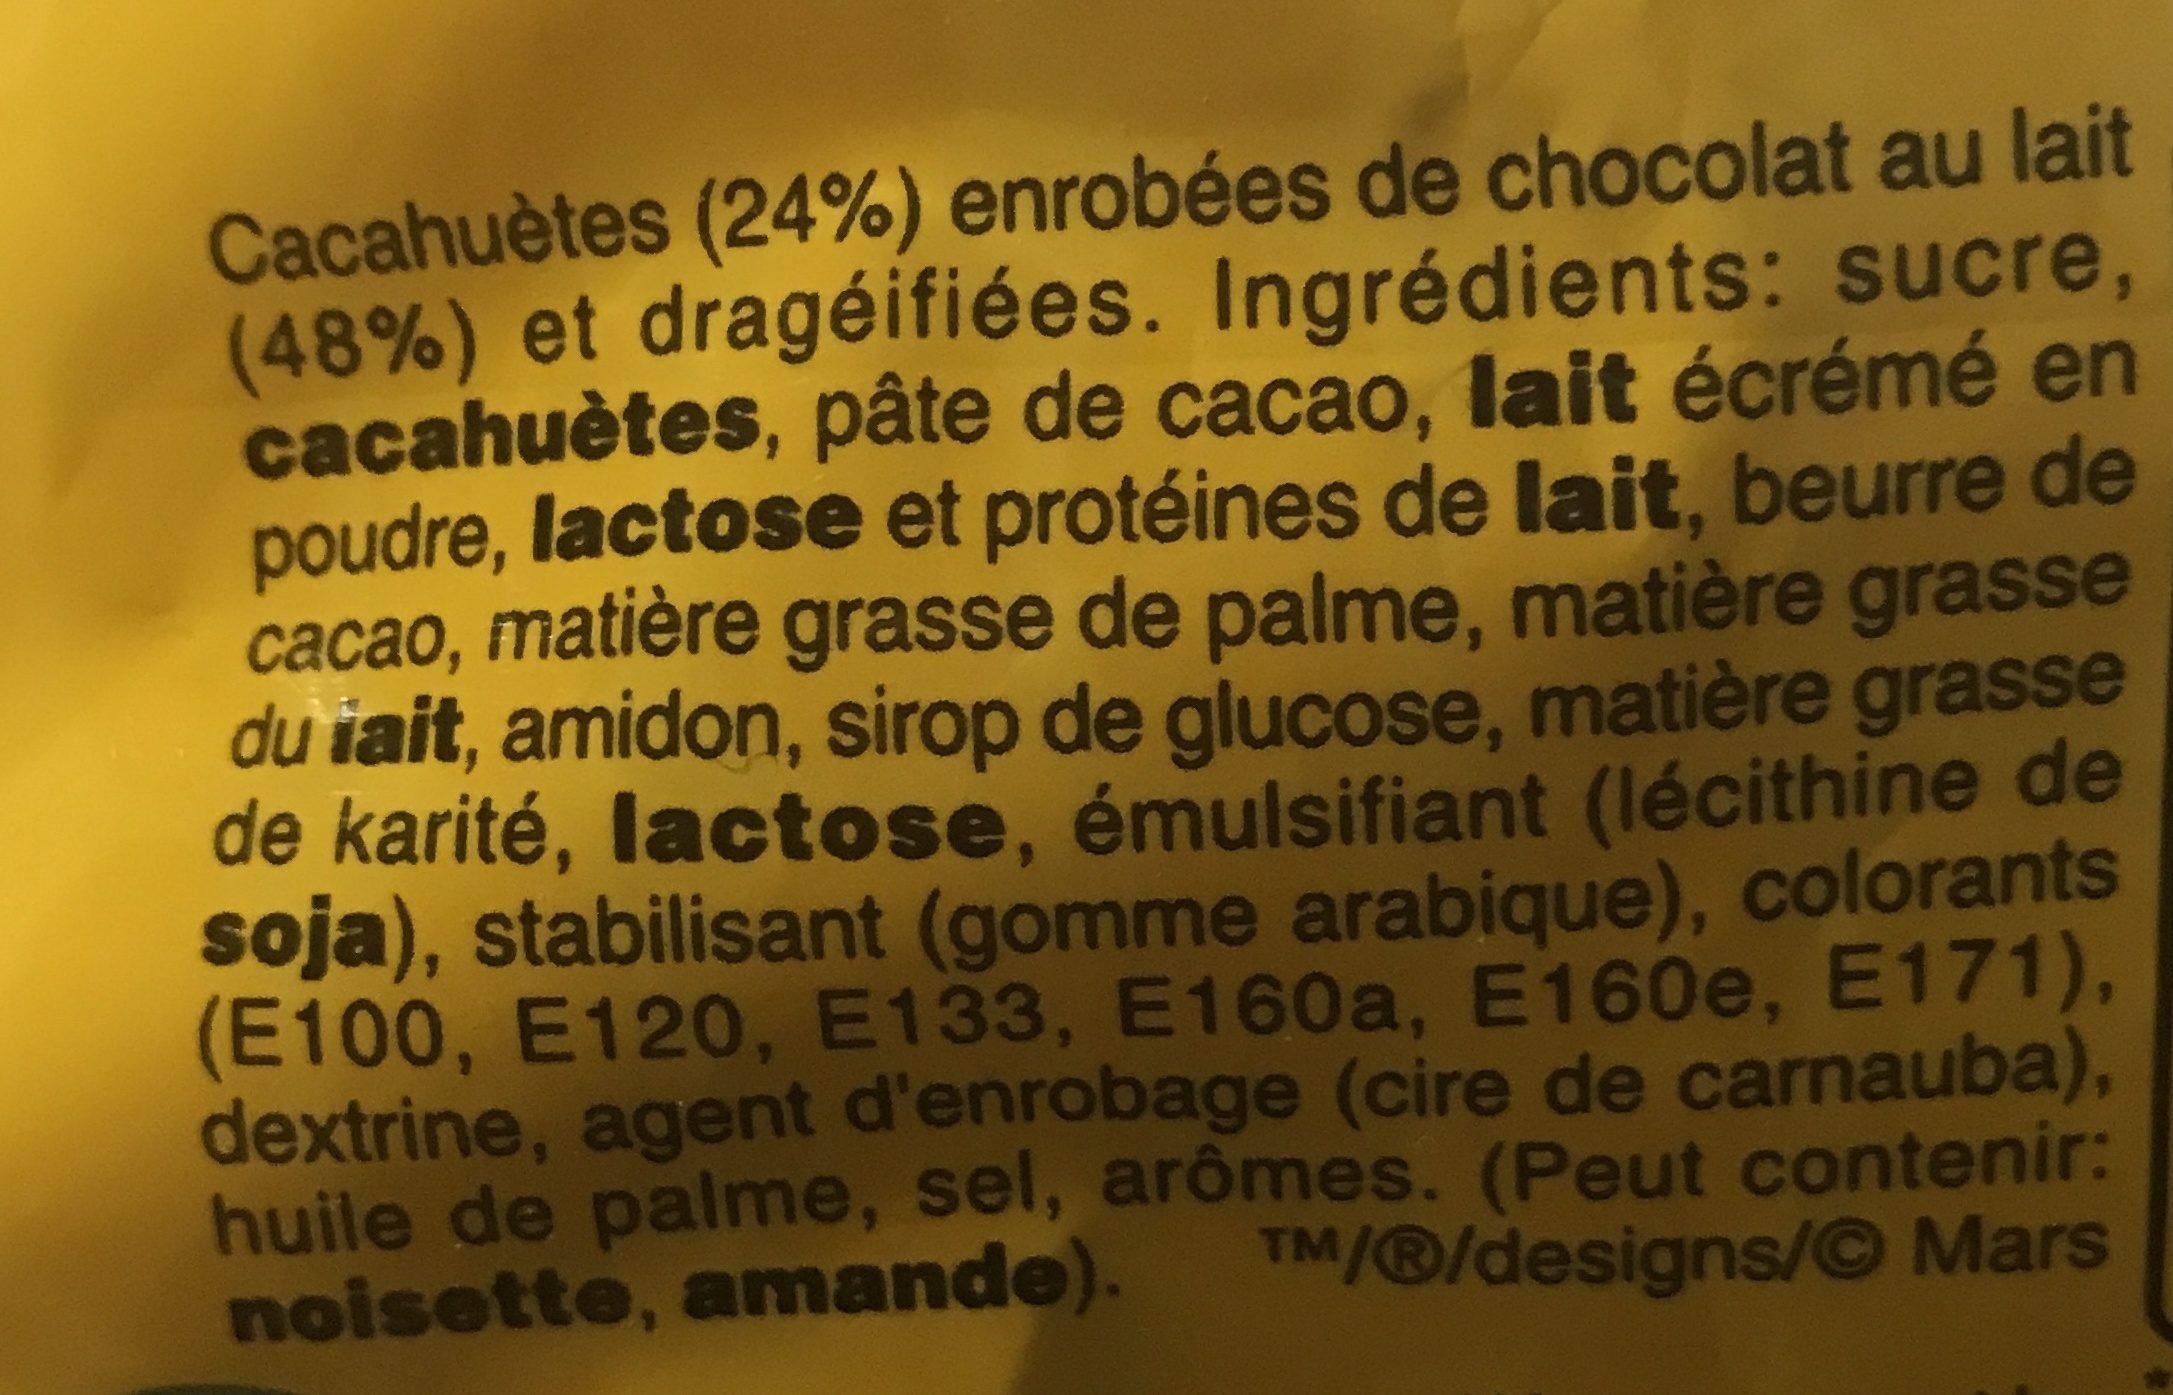 M&m's Large - Ingredientes